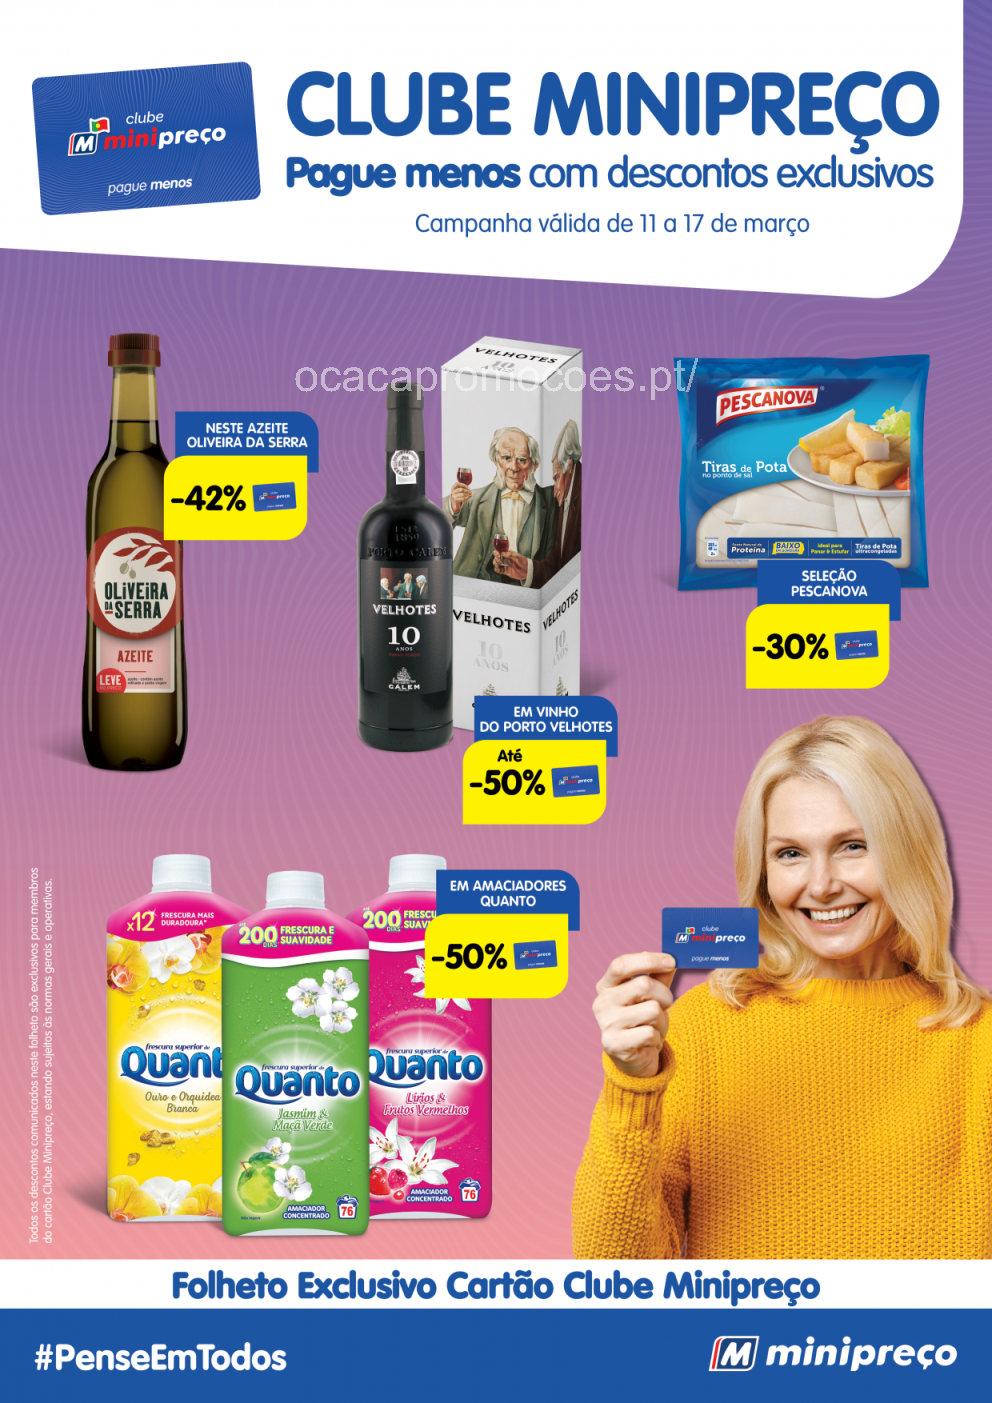 folheto clube minipreco 11 marco Page1